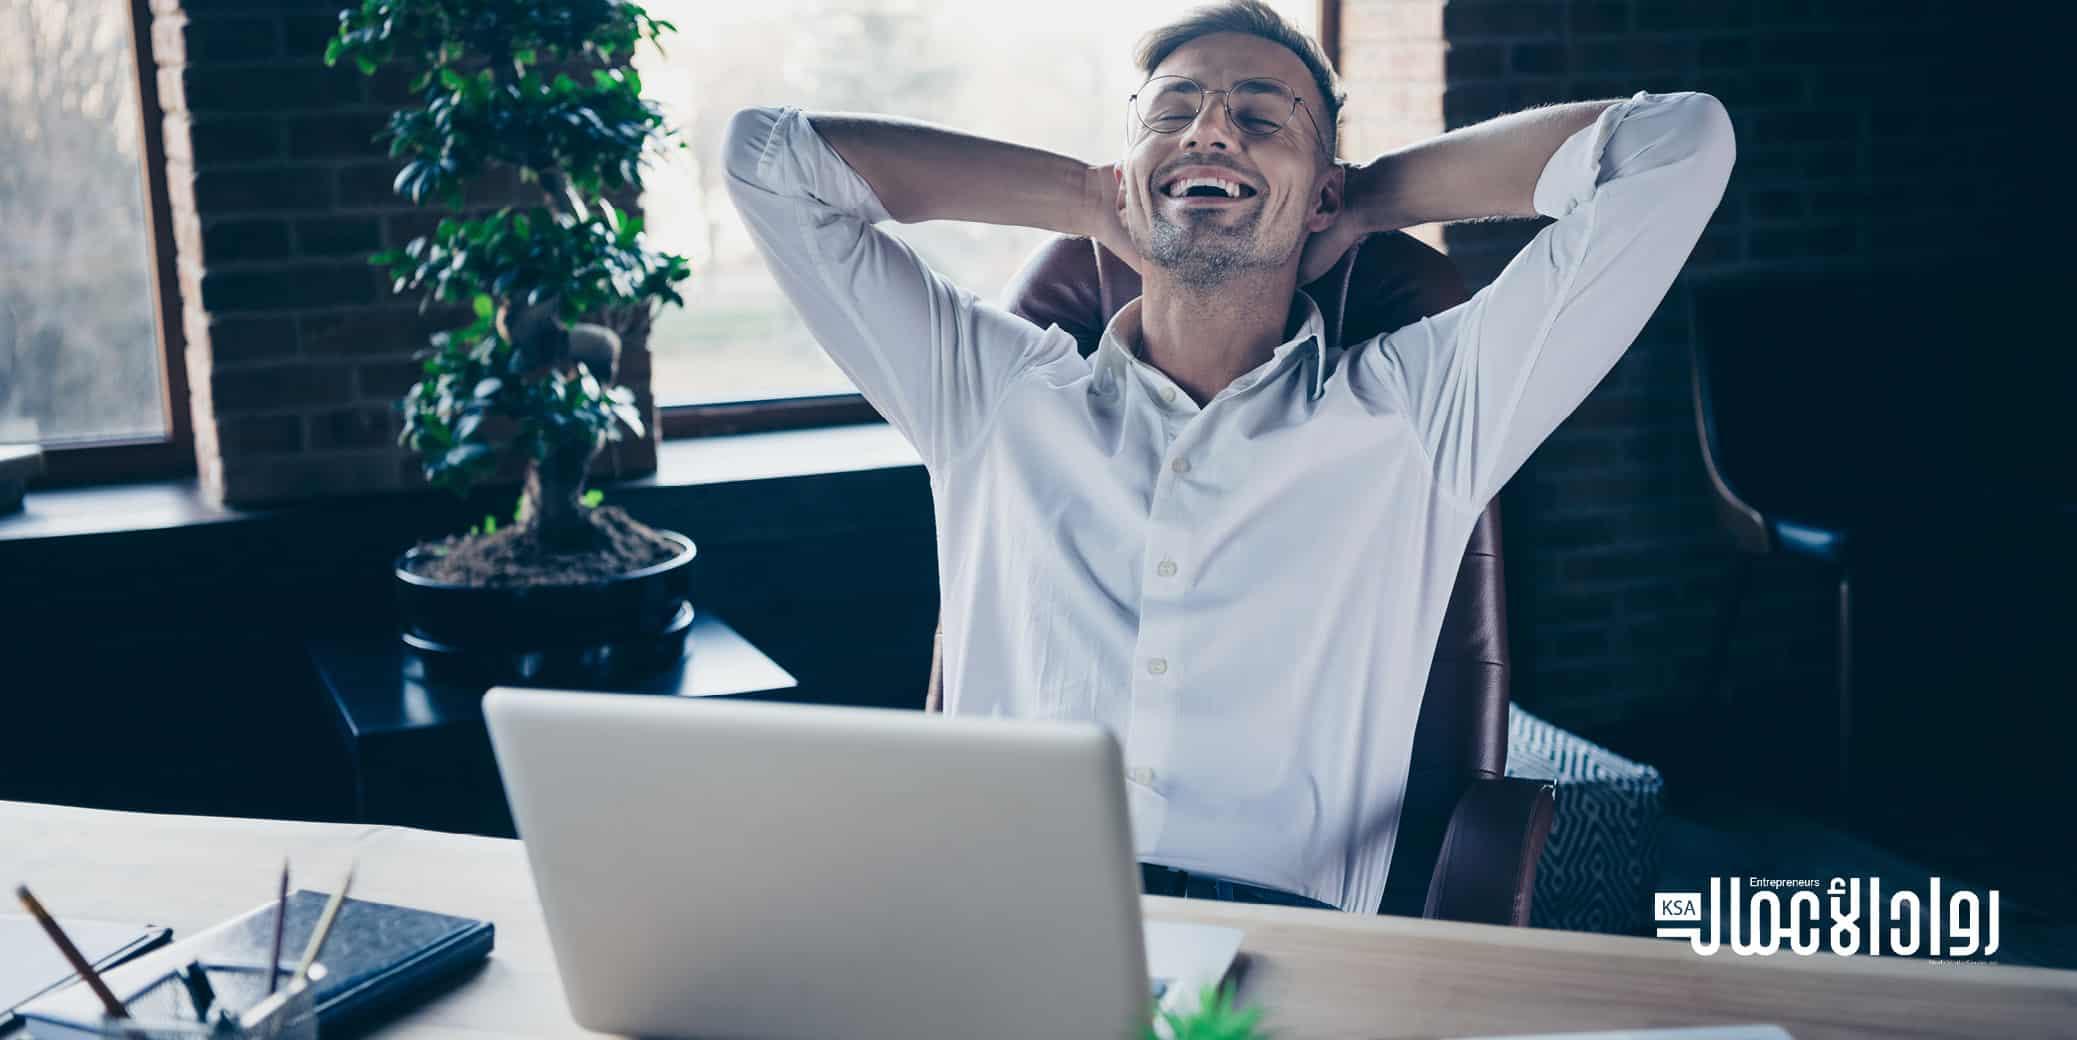 كيف يقضي رواد الأعمال وقت الإجازة